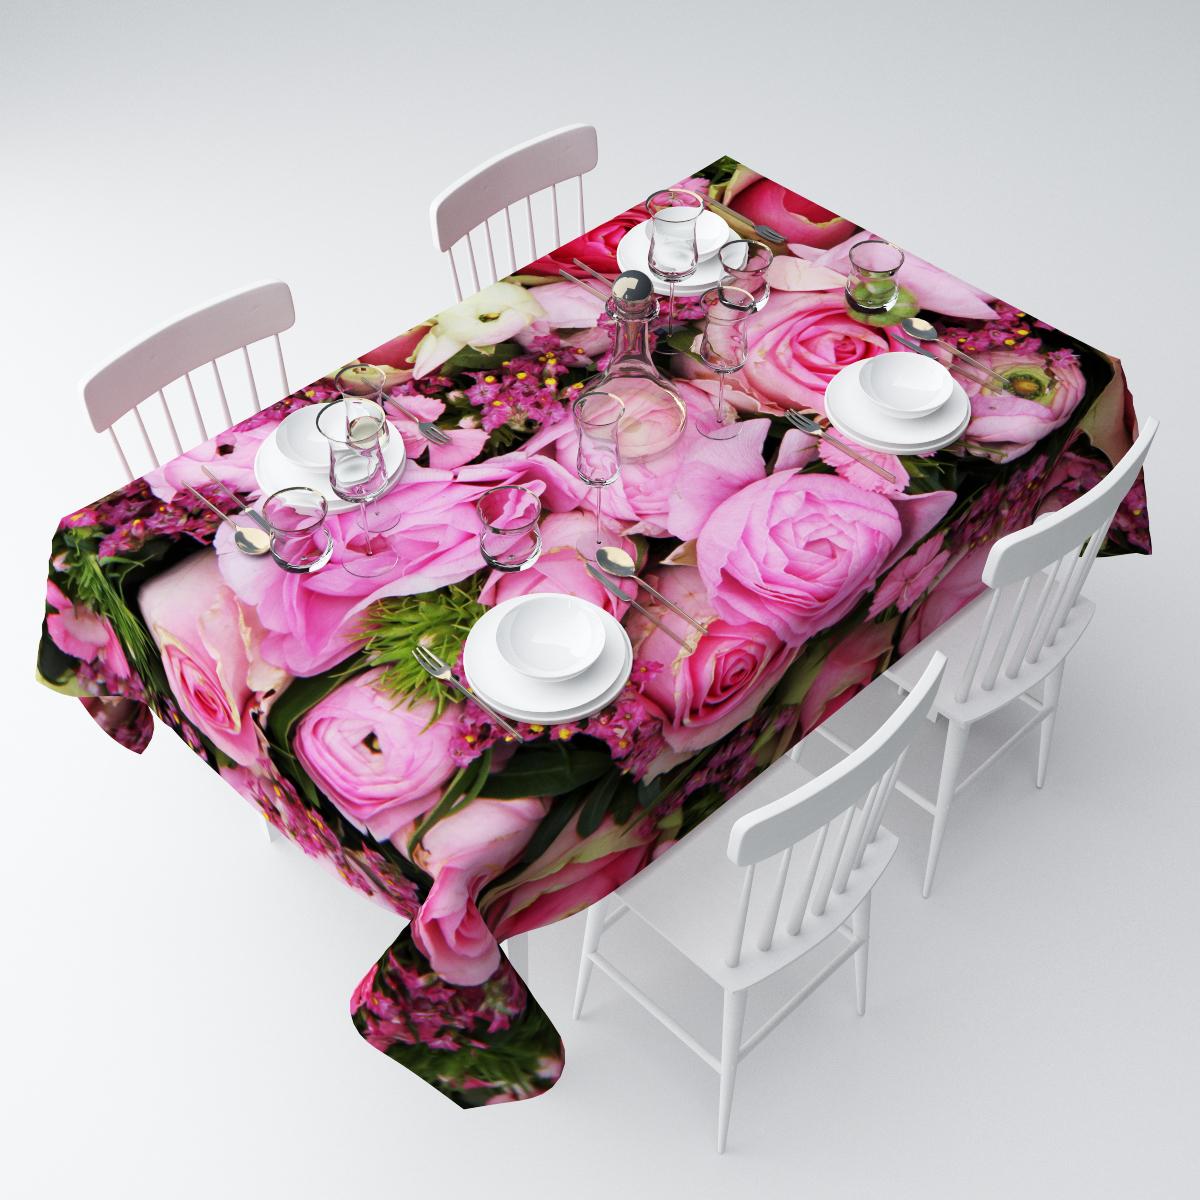 Скатерть Сирень Розовое счастье, прямоугольная, 145 х 120 смСКГБ003-09186Прямоугольная скатерть Сирень Розовое счастье, выполненная из габардина с ярким рисунком, преобразит вашу кухню, визуально расширит пространство, создаст атмосферу радости и комфорта. Рекомендации по уходу: стирка при 30 градусах, гладить при температуре до 110 градусов.Размер скатерти: 145 х 120 см. Изображение может немного отличаться от реального.